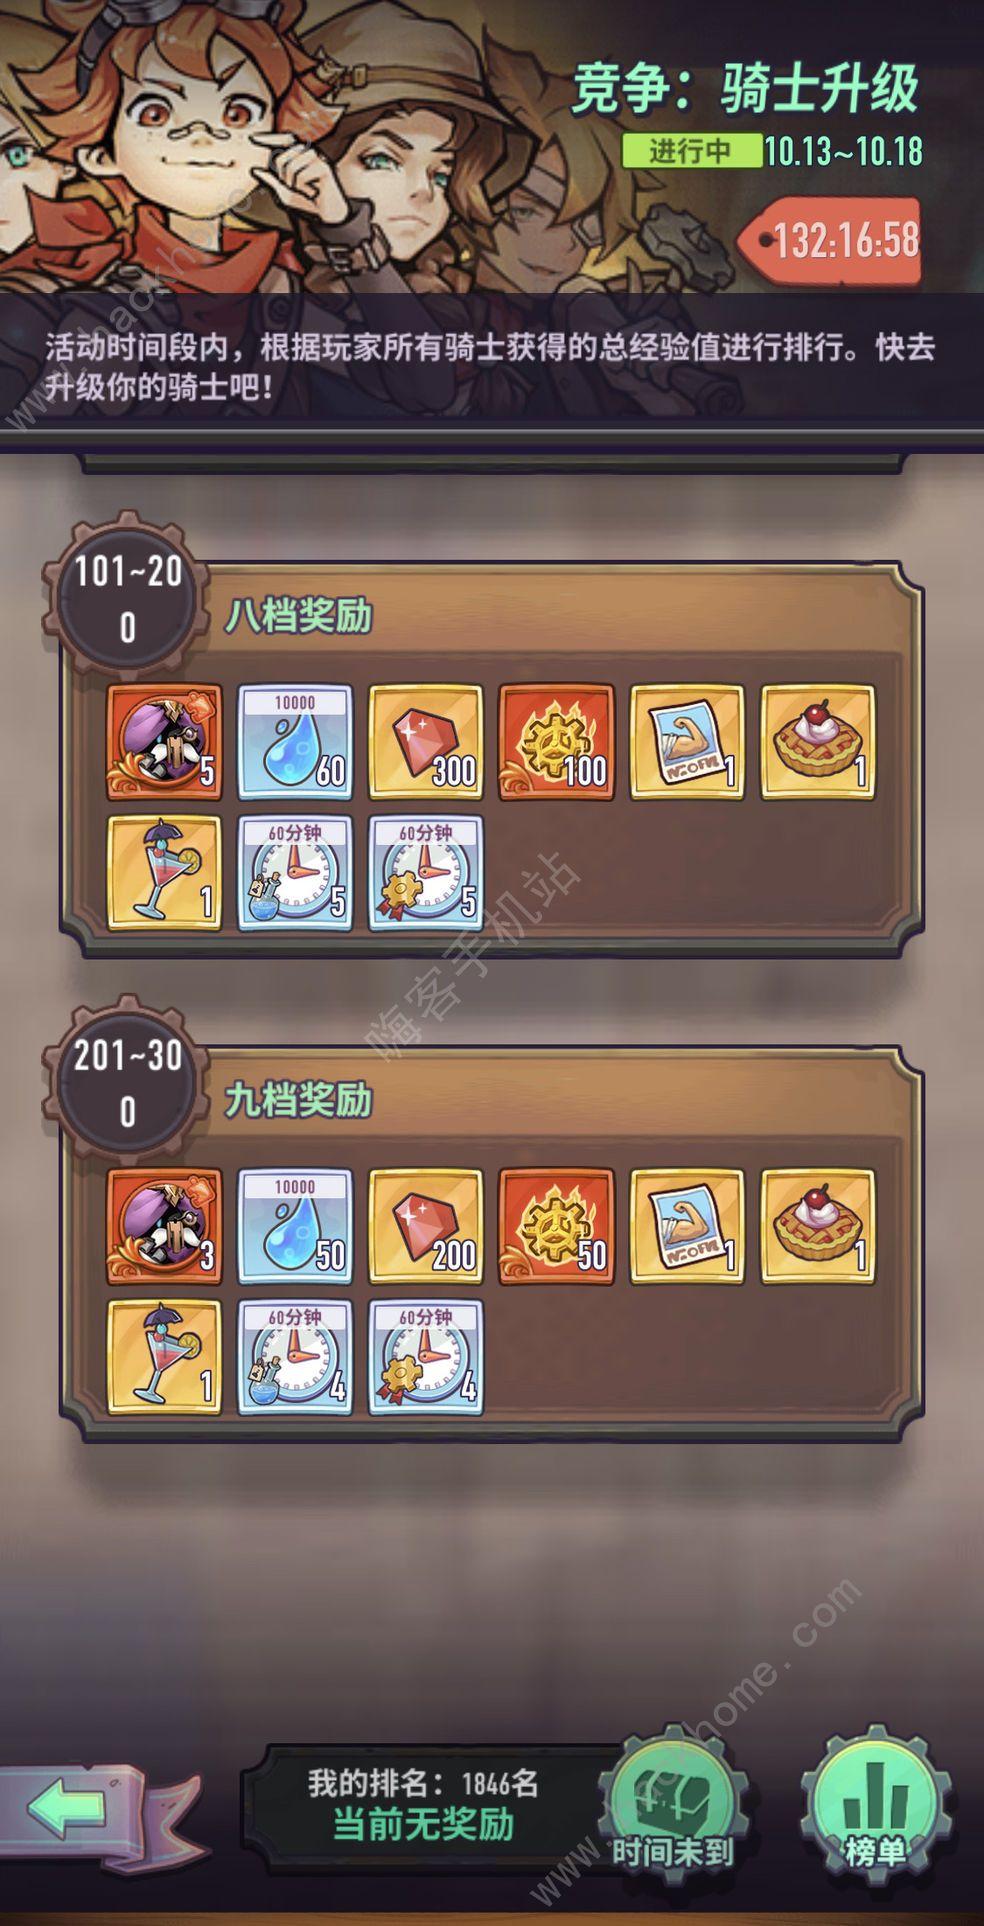 巨像骑士团角色哪个好用 各类好用角色有哪些[多图]图片1